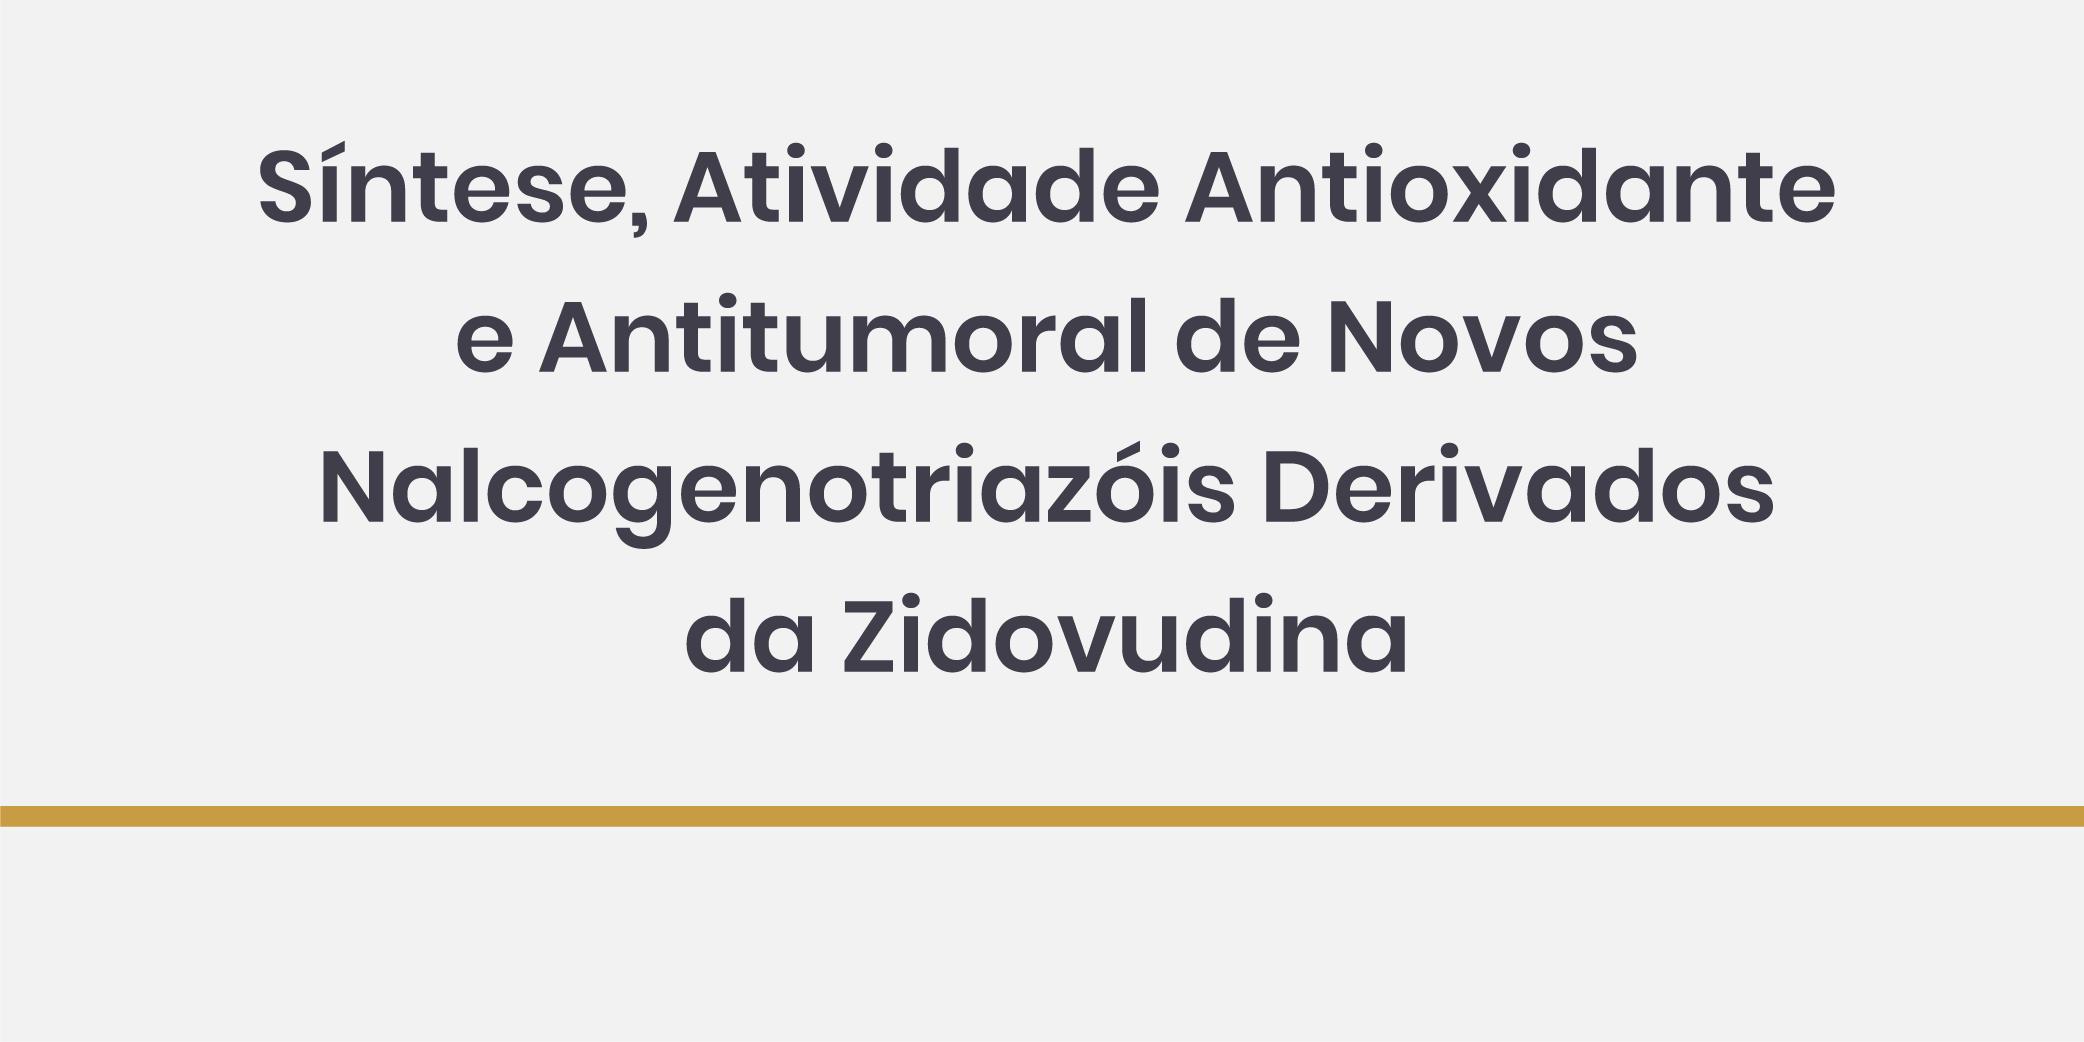 Síntese, Atividade Antioxidante e Antitumoral de Novos Nalcogenotriazóis Derivados da Zidovudina